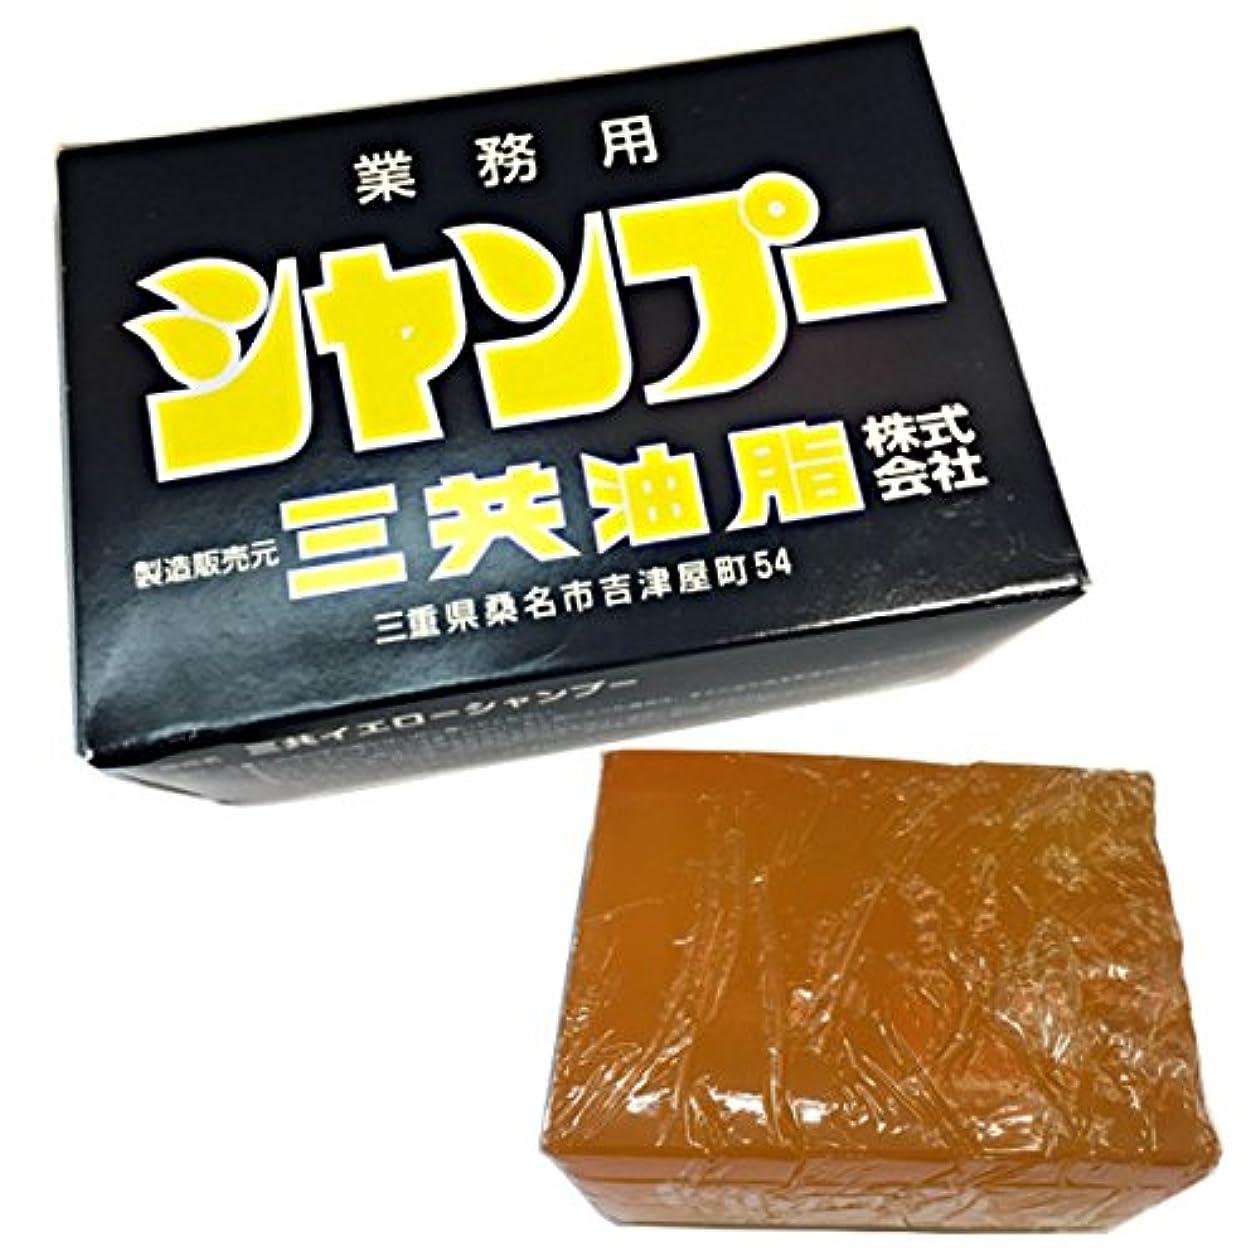 リアルボトルネック食い違い三共油脂 三共イエローシャンプー 容量1800g